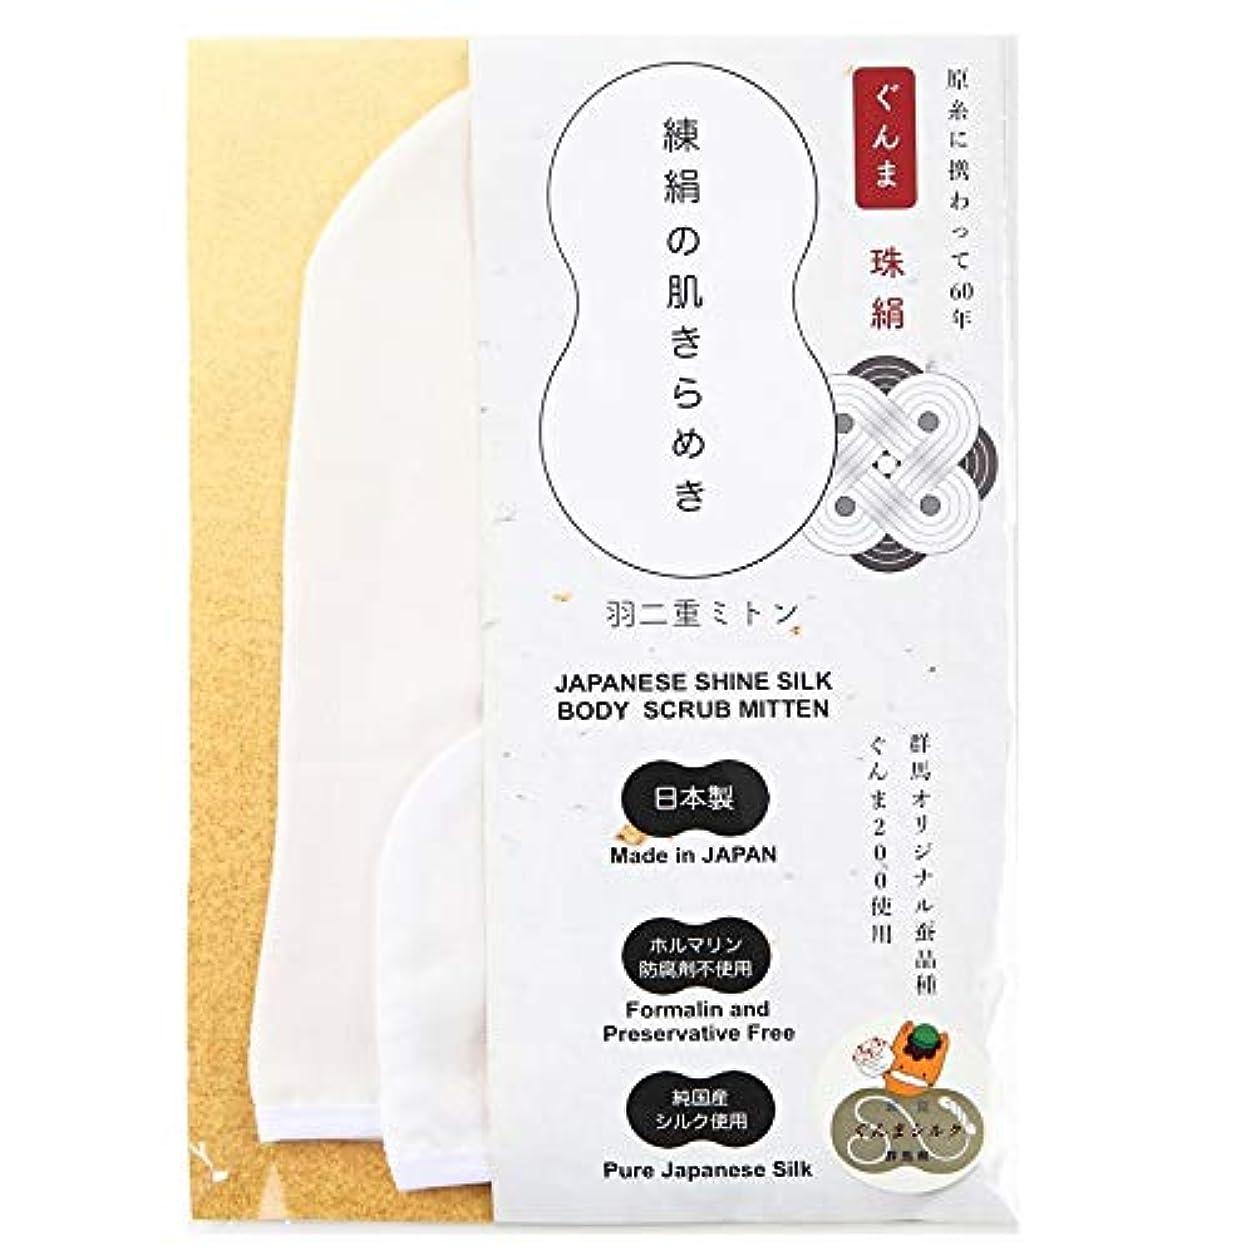 条件付き寝るあなたはくーる&ほっと シルクあかすりミトン 純国産絹100%「珠絹(たまぎぬ) 練絹の肌きらめき」ぐんまシルク (群馬県内で一貫製造) 日本製 シルクプロテイン?フィブロインの力で角質ケアボディスクラブミトン 大小セット 羽二重ミトン